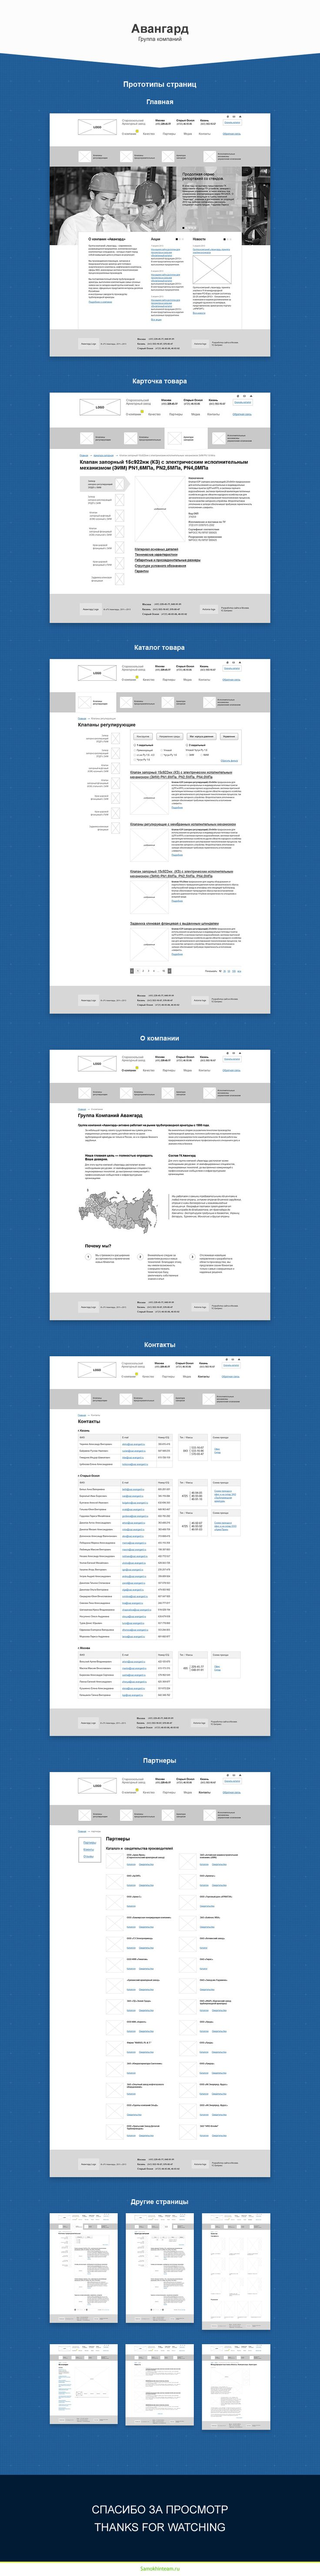 Задача: разработать прототипы для сайта компании Авангард. Клиент должен без проблем найти продукт, который его интересует и узнать его технические характеристики.  Решение: разрабатываем прототипы всех страниц. Продумываем на страницах продукции три варианта фильтра, для удобства поиска и сортировки товара по категориям. Всего было разработано 11 прототипов страниц.  Заказ выполнен для студии Astonia